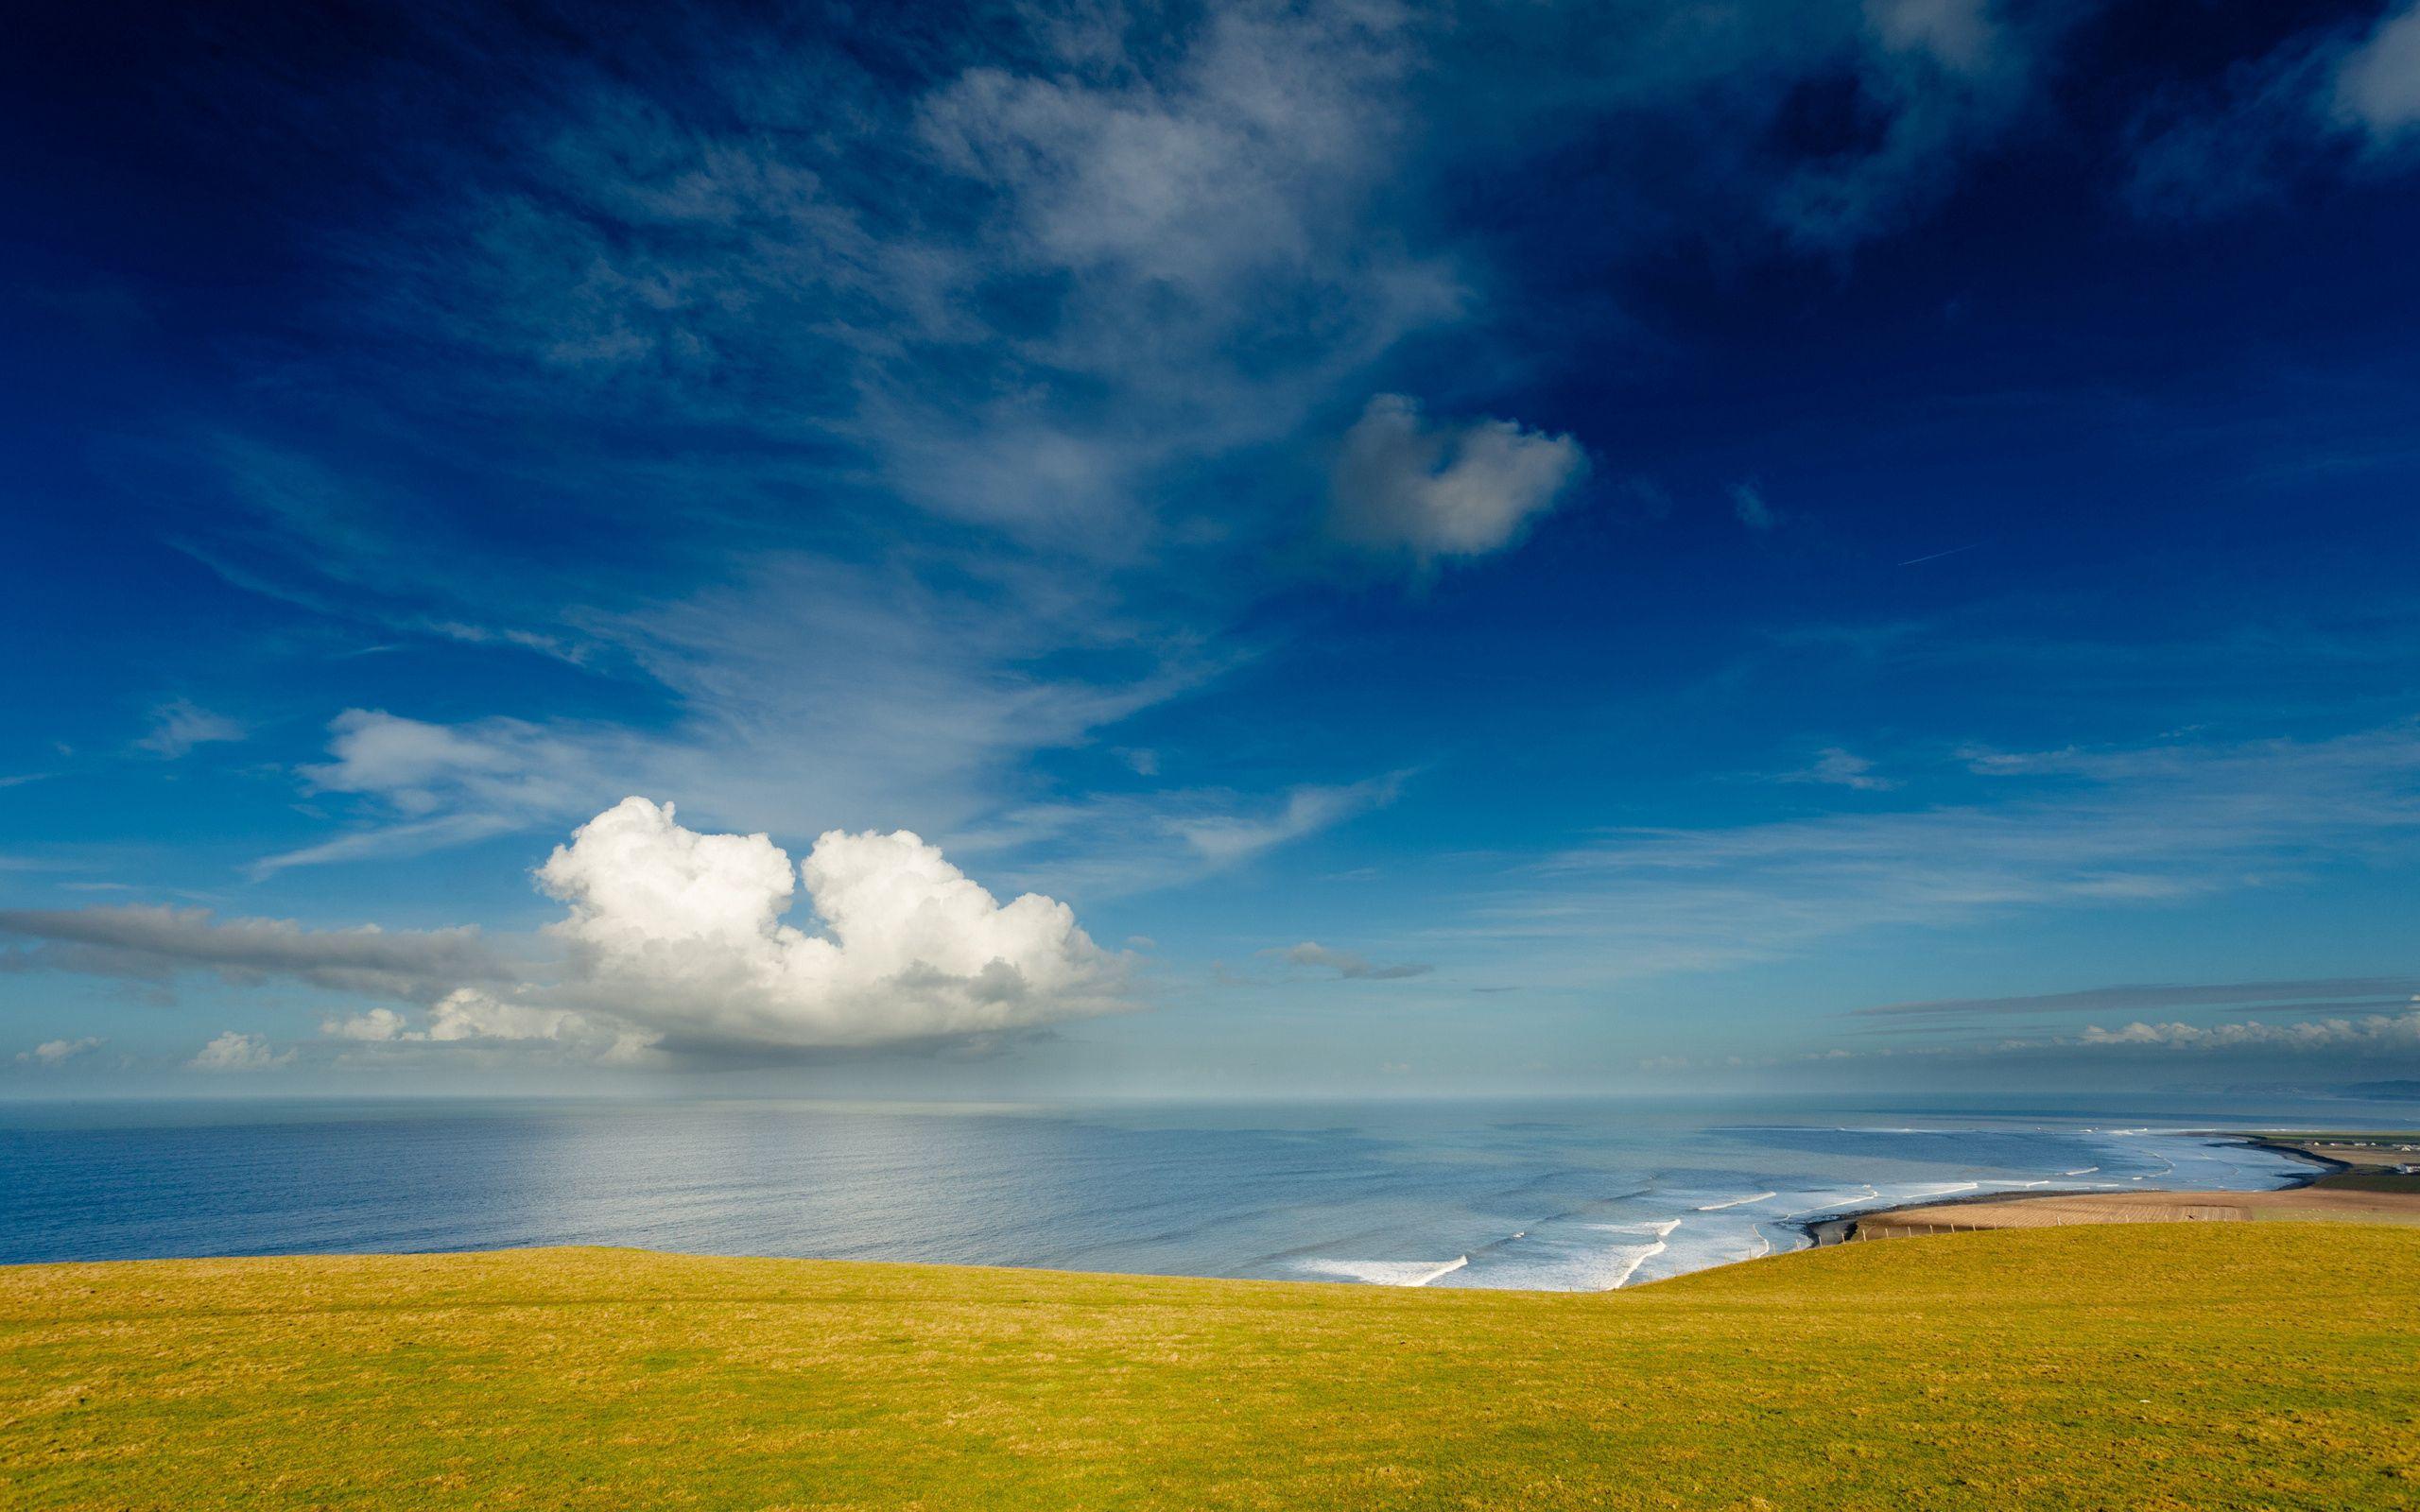 55615 免費下載壁紙 性质, 海岸, 天空, 云, 云端, 海洋, 草地, 波利亚纳, 土地, 苏沙, 蓝色的, 绿色的 屏保和圖片